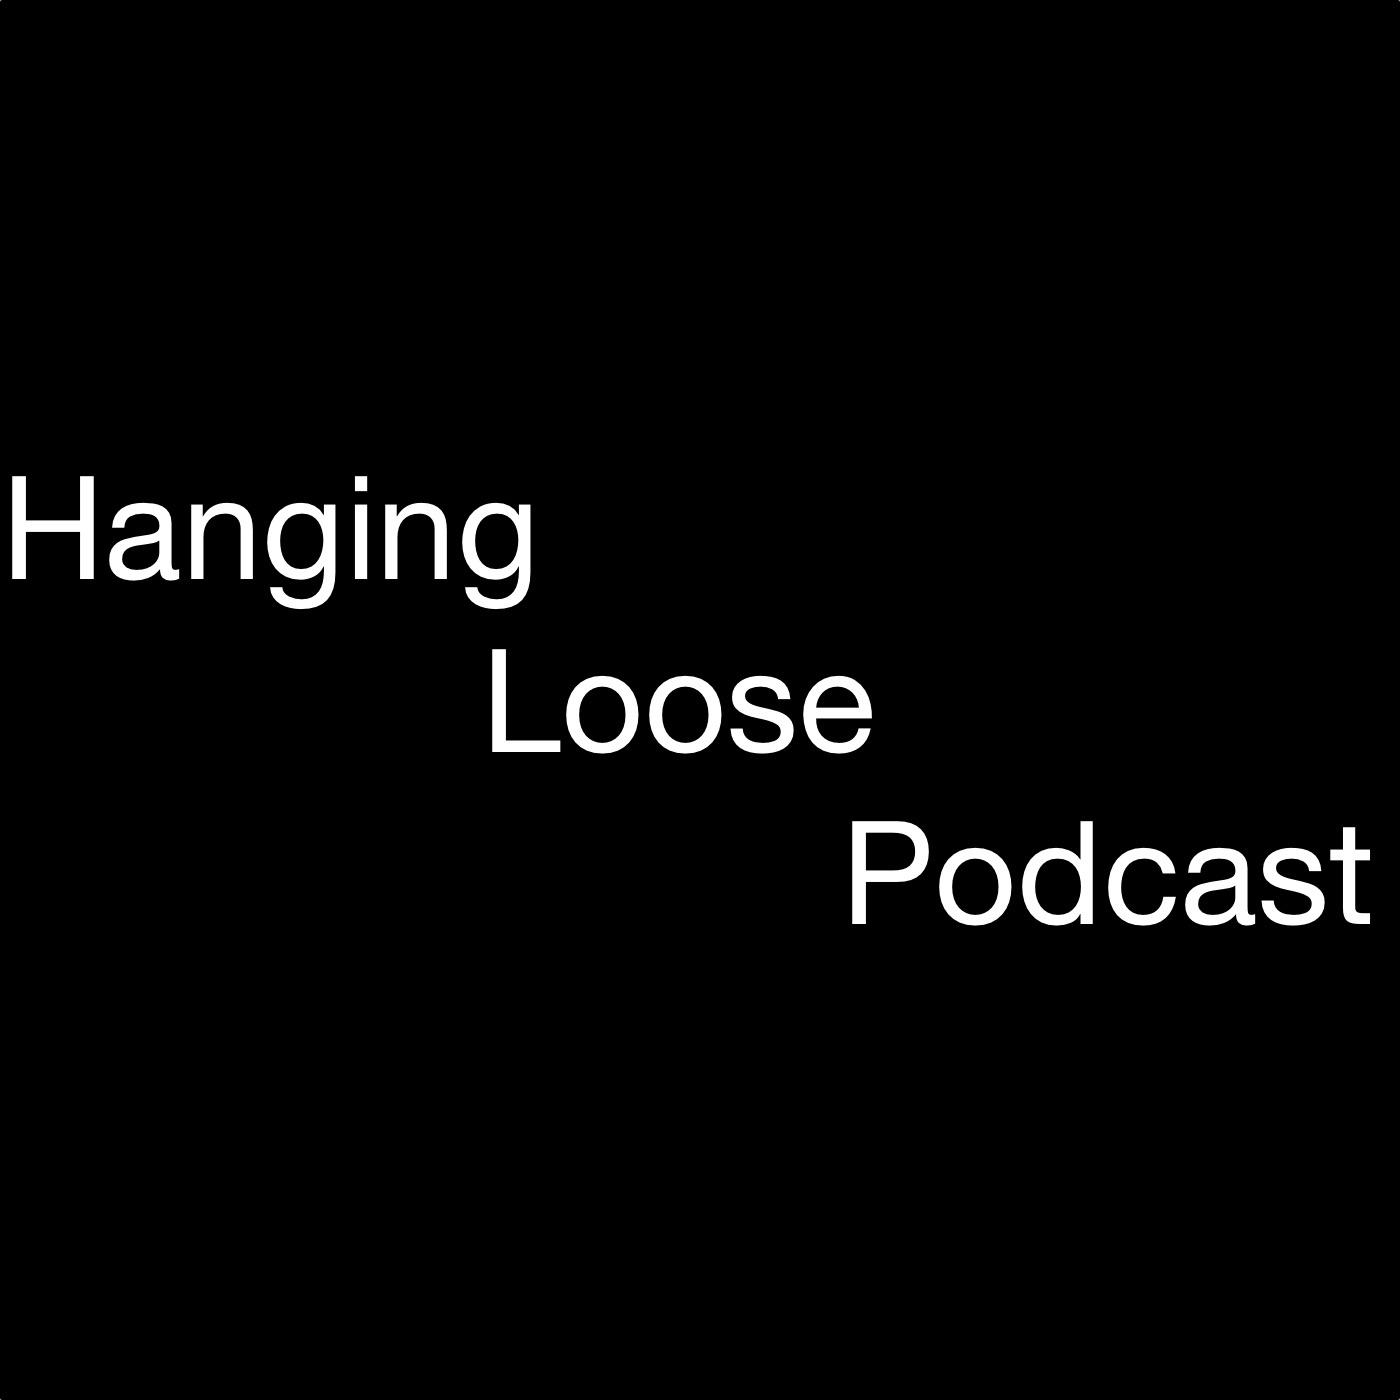 Hanging Loose